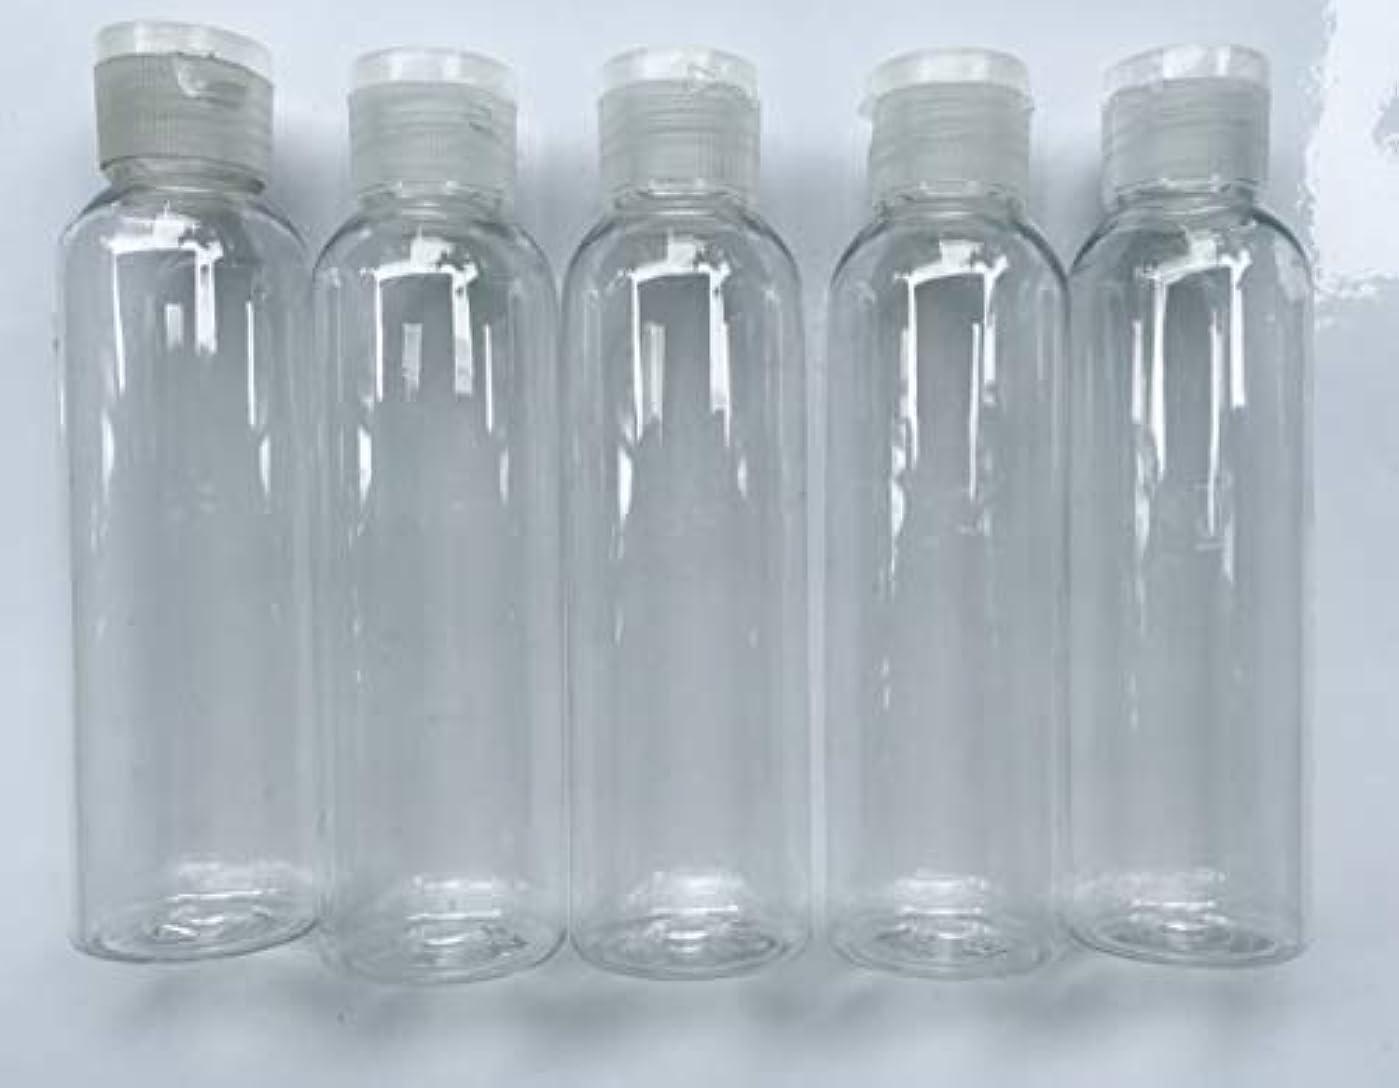 旅行用 透明詰め替え容器150ml (クリア)携帯用トラベルボトル5本セット/シャンプー、化粧水、ローション、乳液などの基礎化粧品や調味料入れに